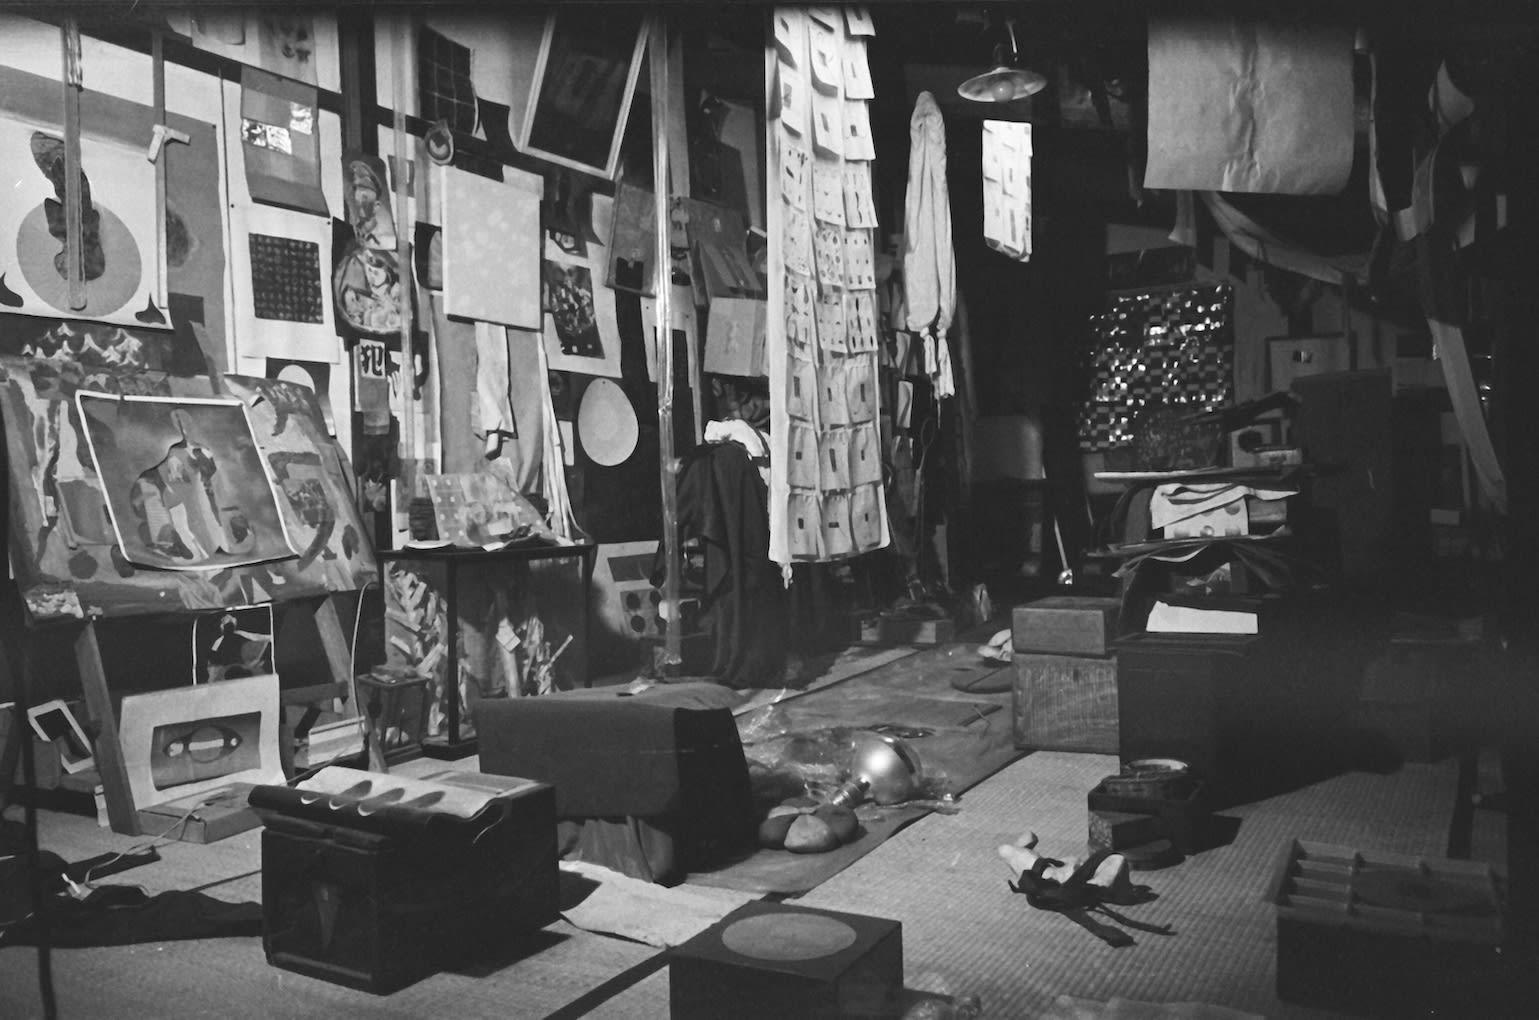 Mitsutoshi Hanaga, Matsuzawa Yutaka's Psi Zashiki Room in Shimo Suwa, 1969